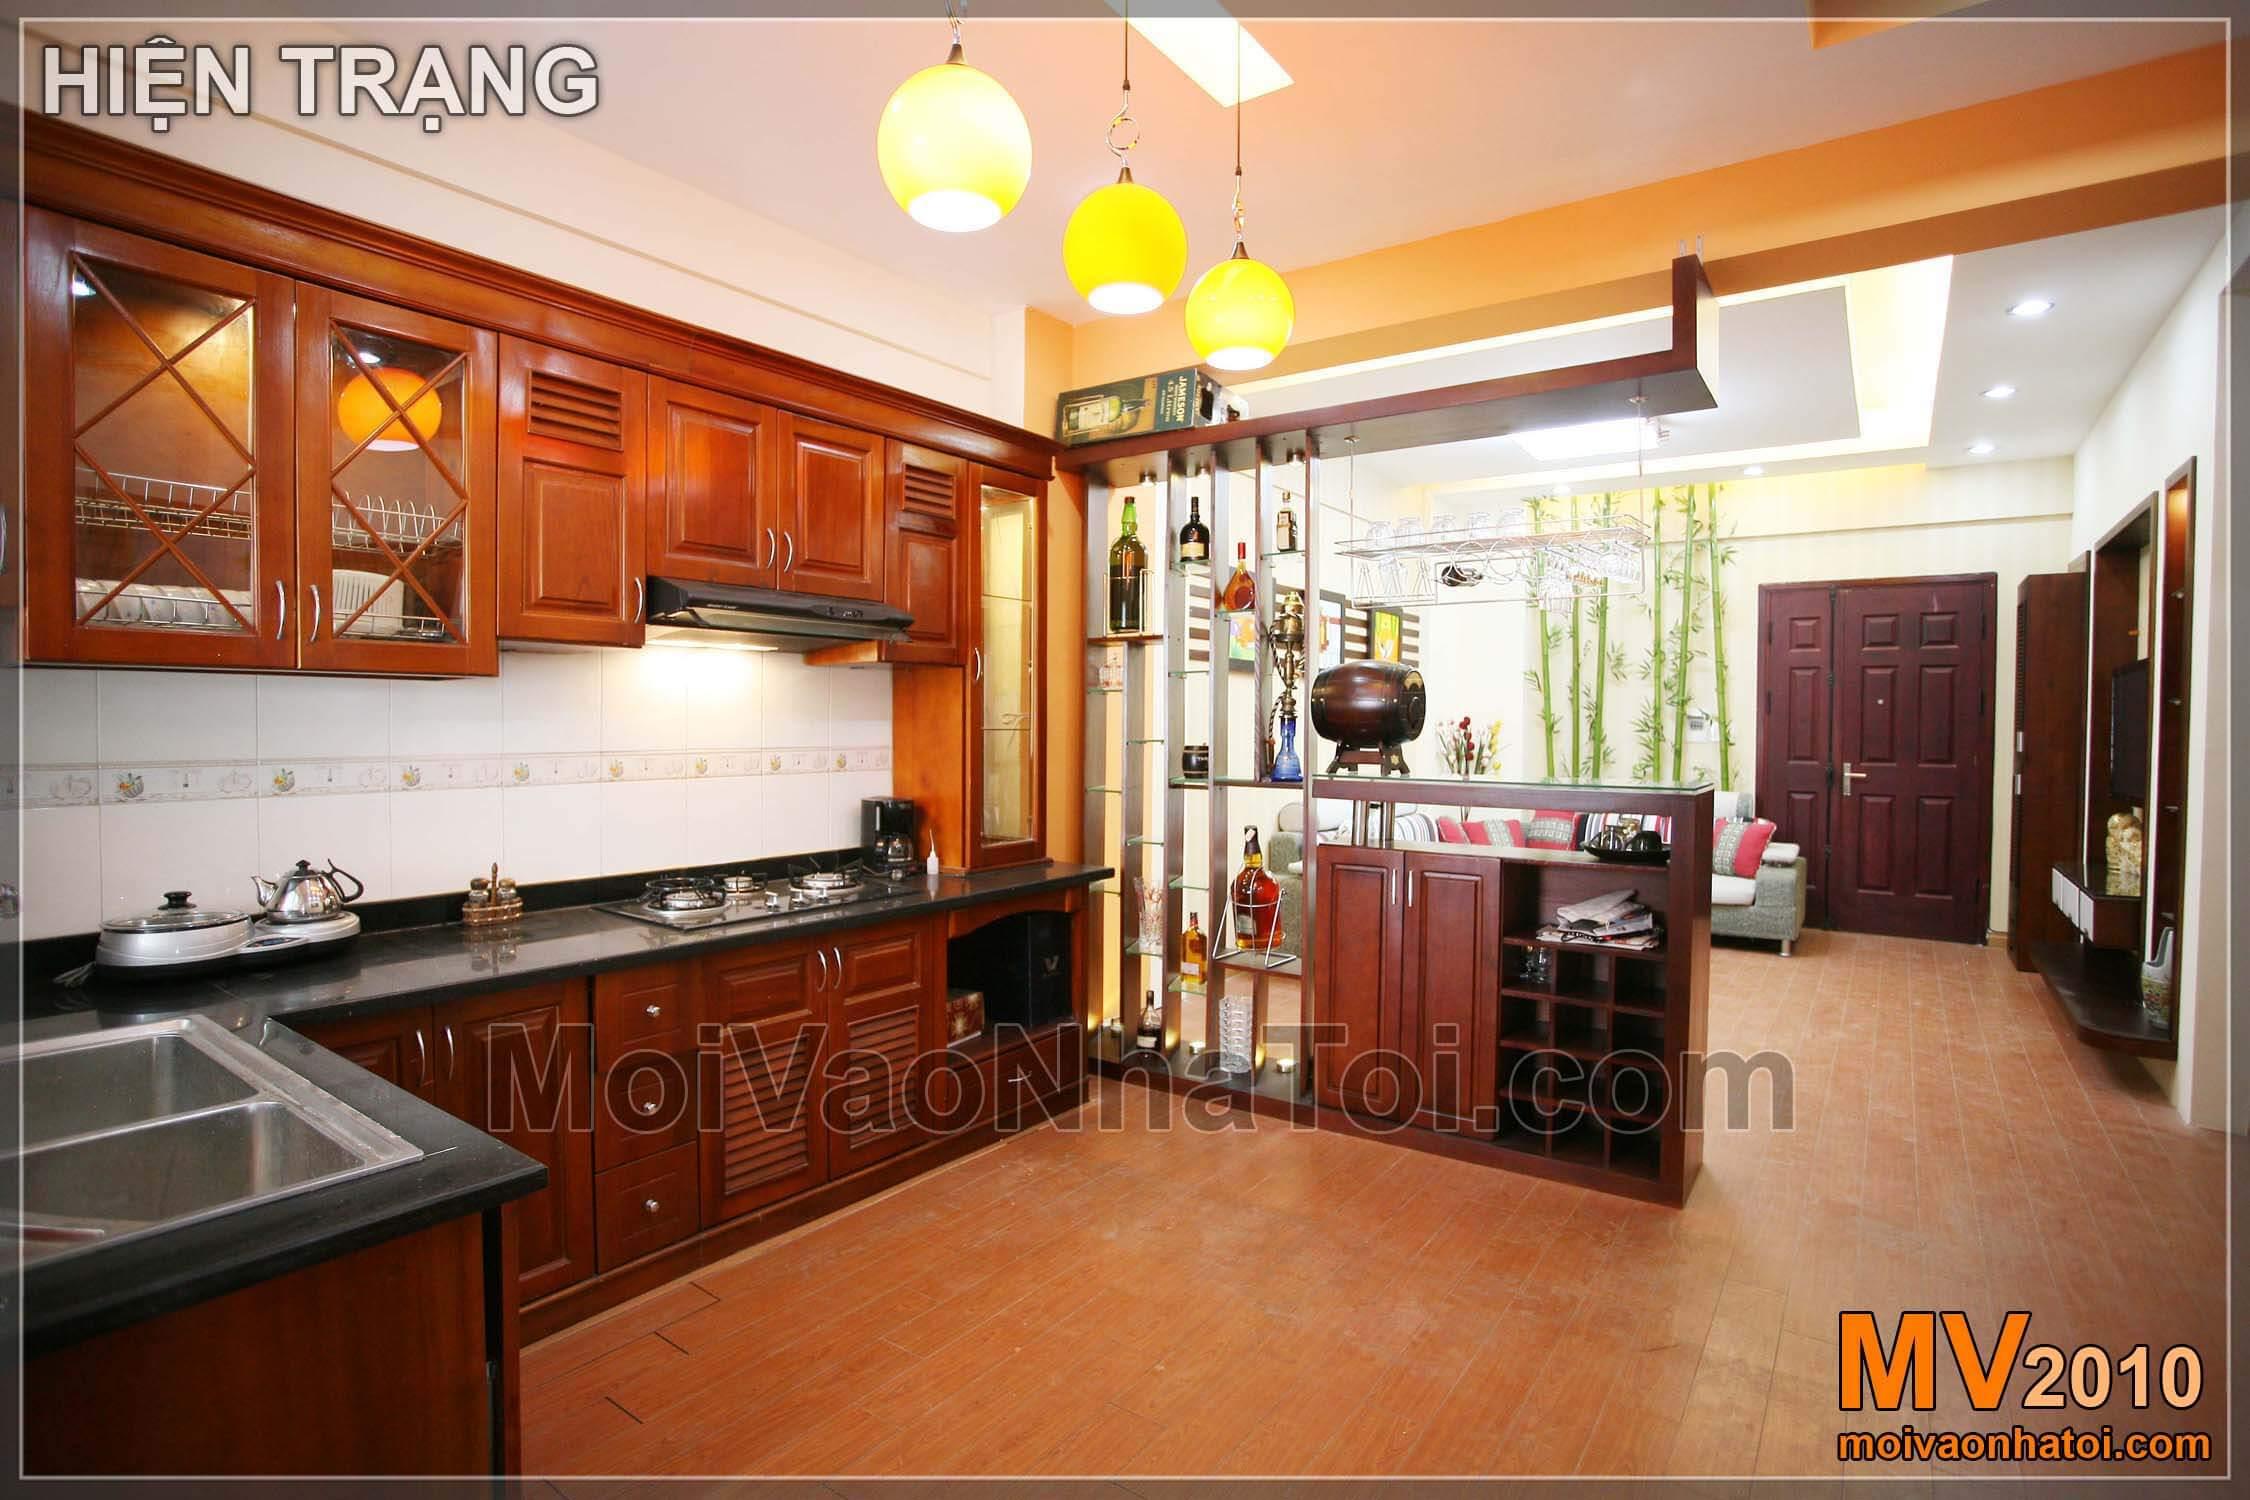 Sau khi hoàn thành nội thất chung cư - bếp đẹp nhìn ra phòng khách